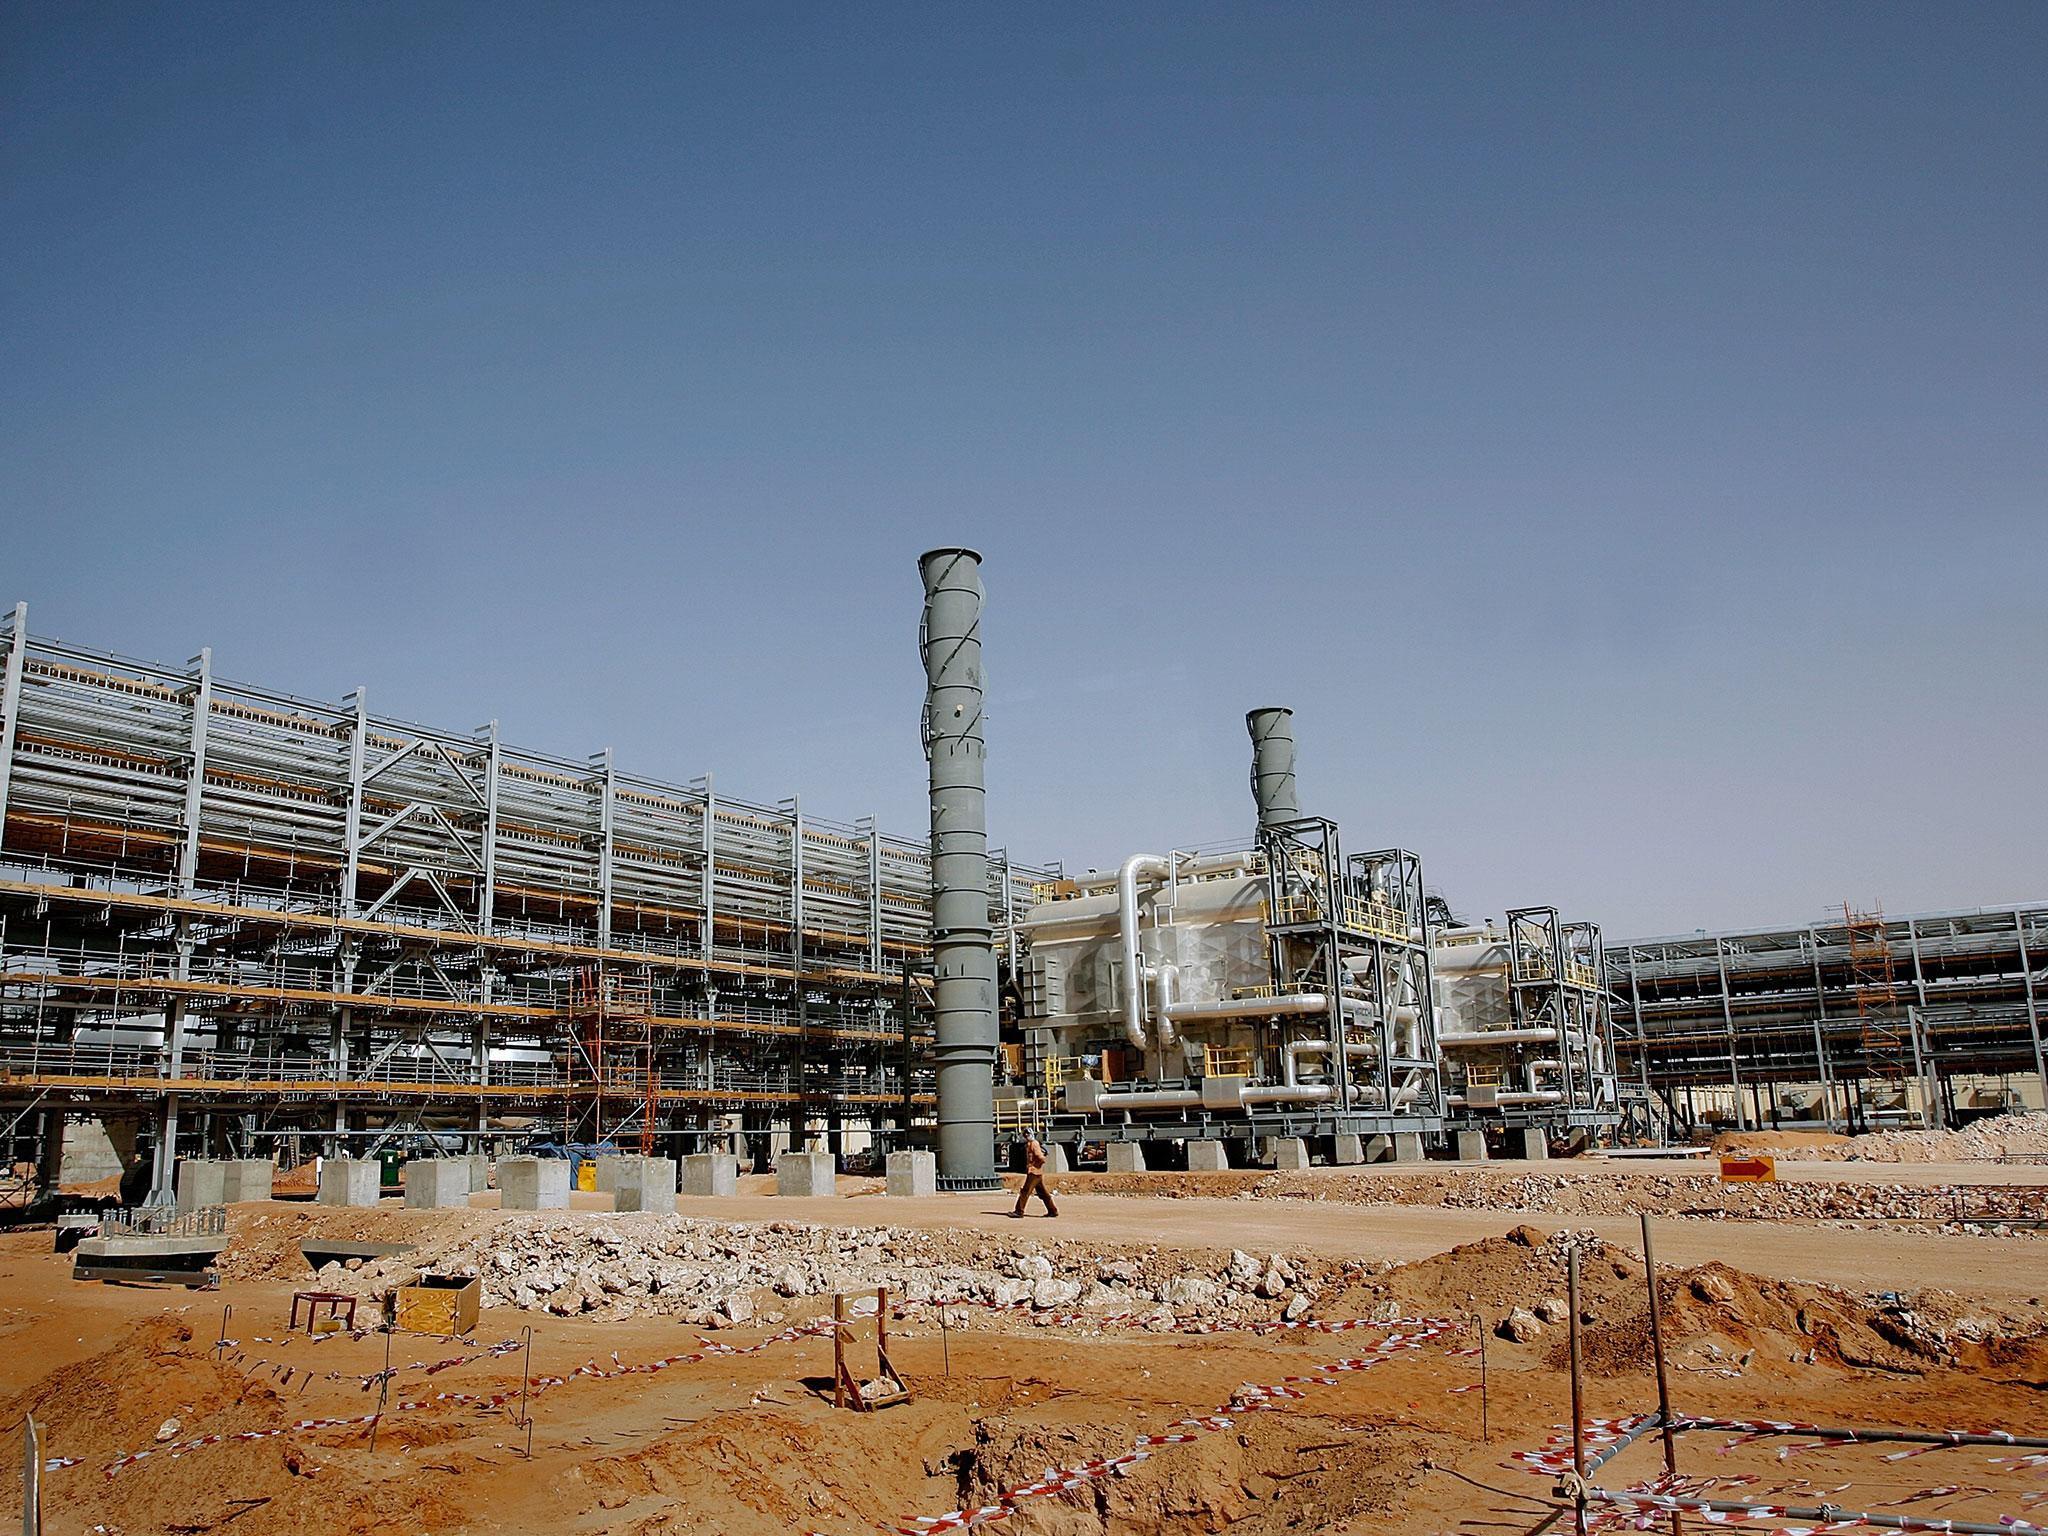 Fadhili GAS PLANT 6 No. Sulfur Pits